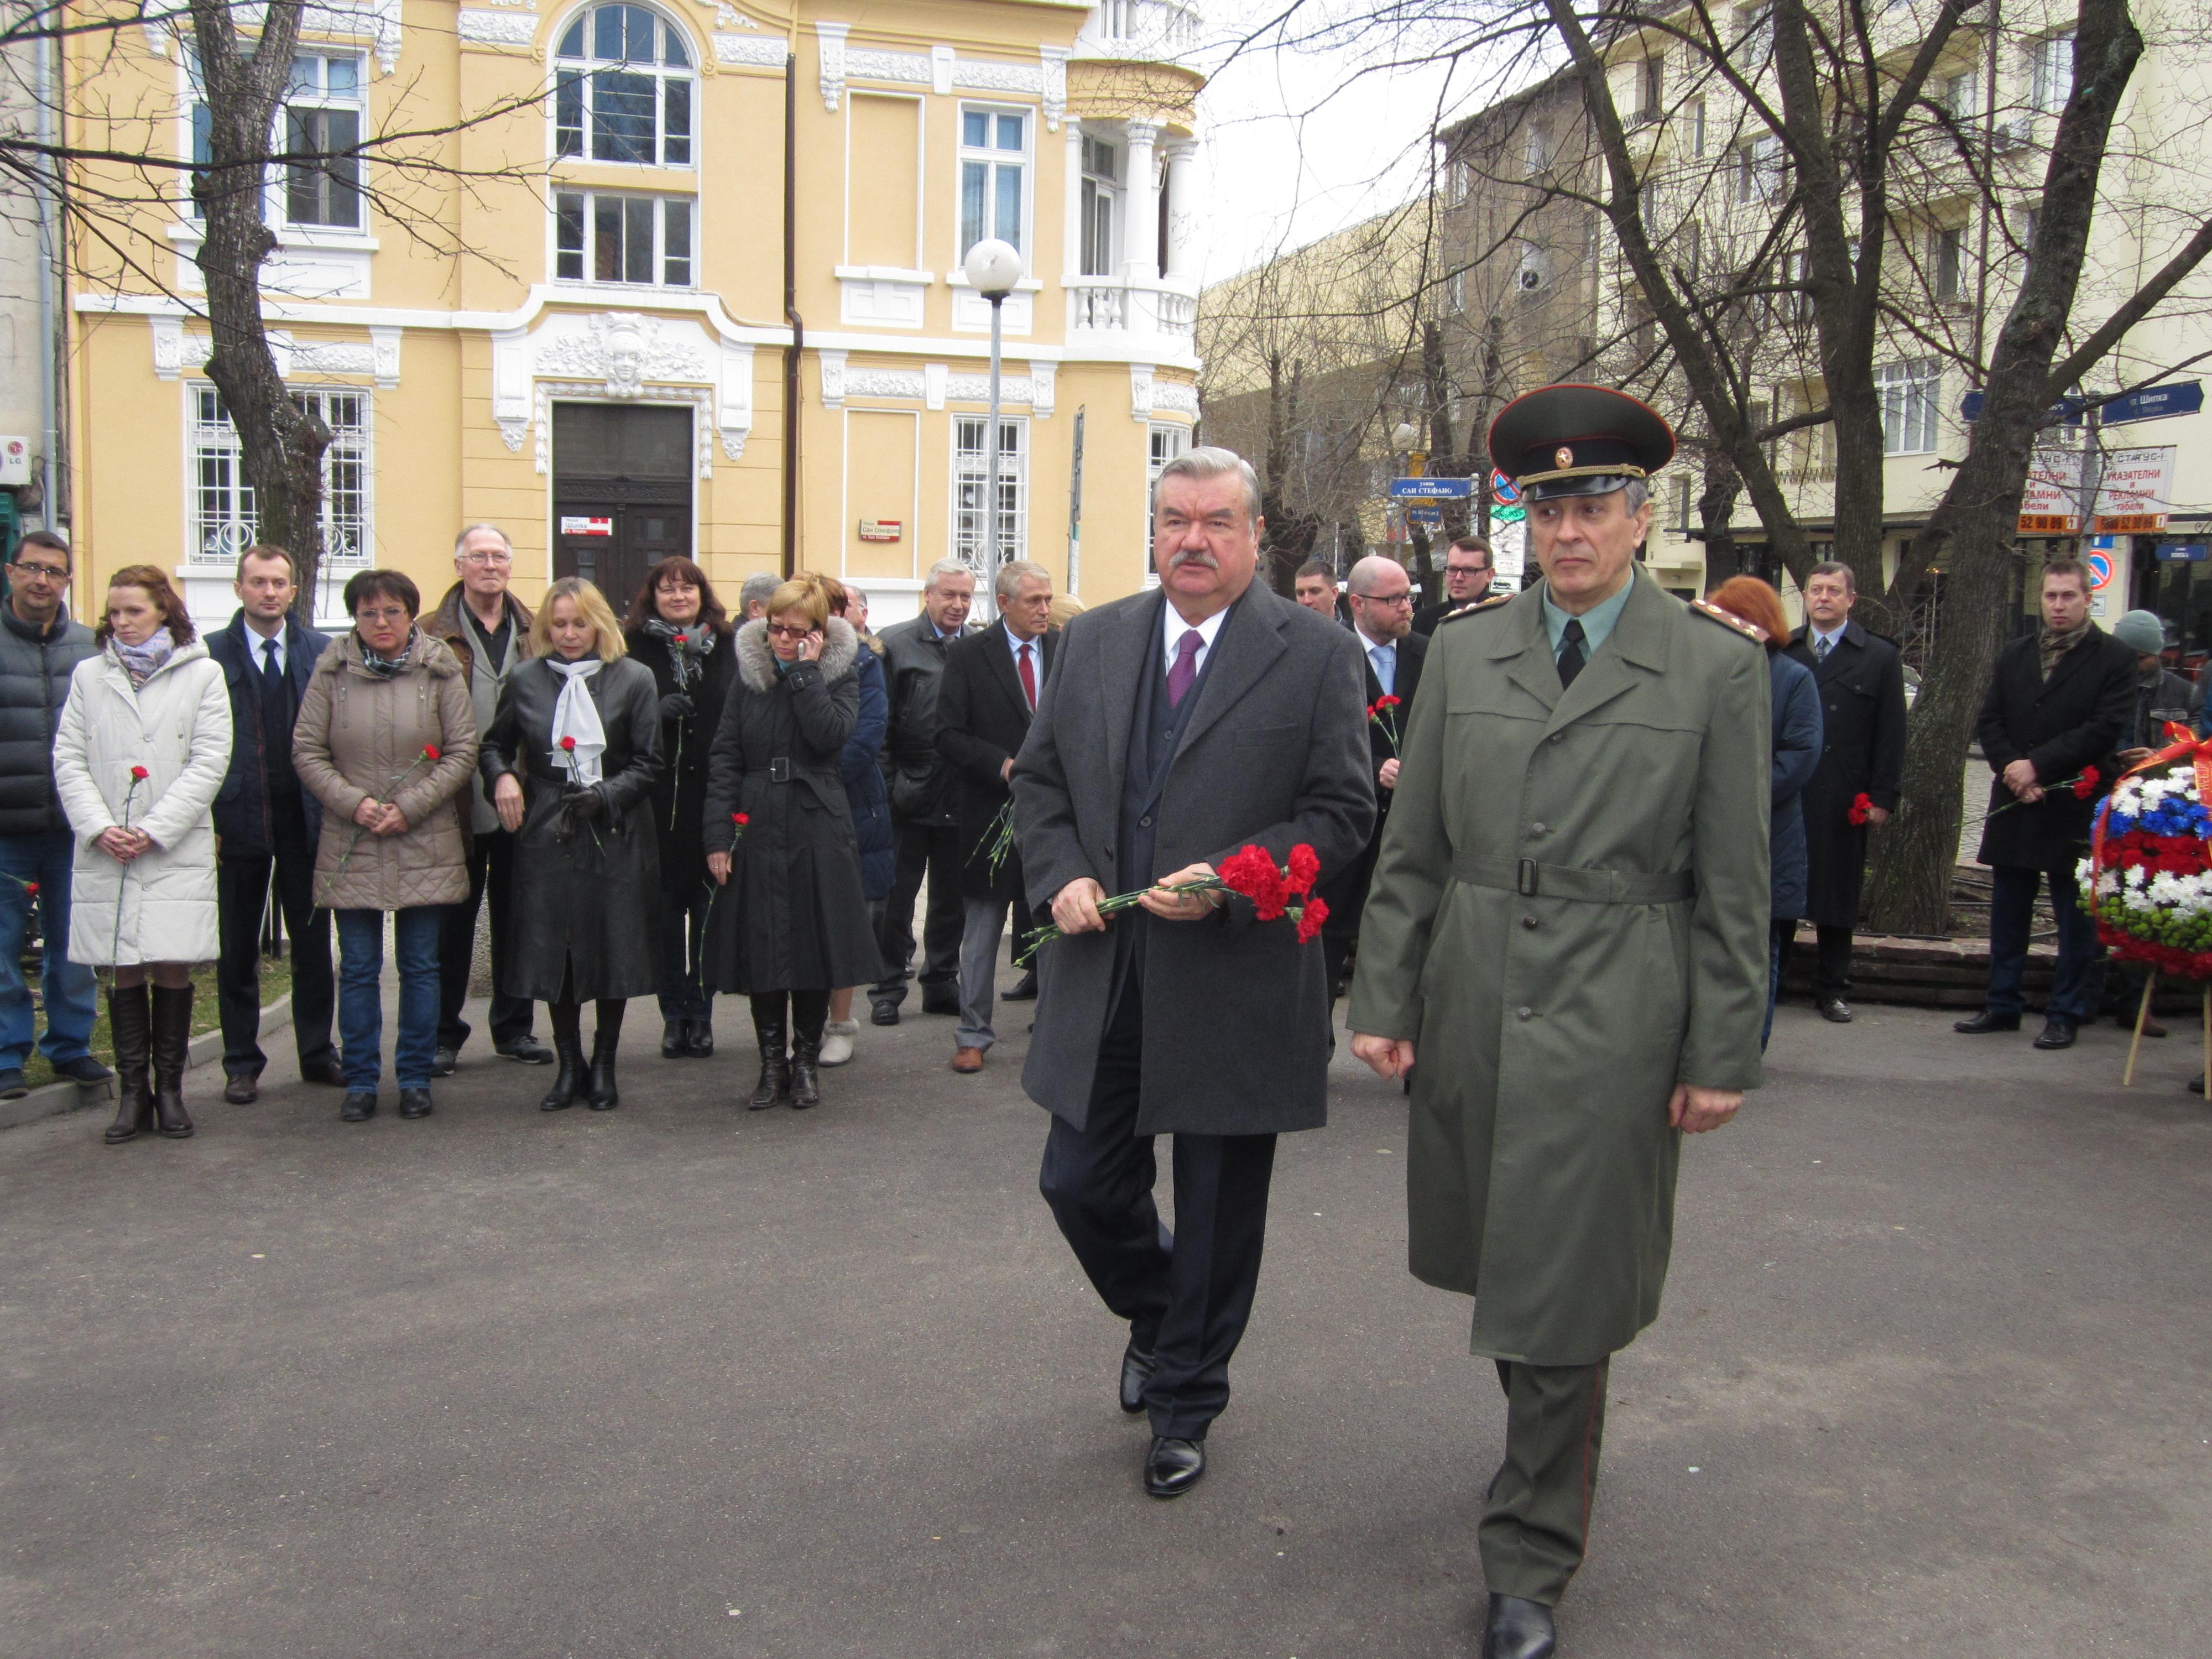 Н. Пр. посланикът на Руската федерация в България Юрий Исаков положи цветя на церемония пред паметника на Граф Игнатиев в София.